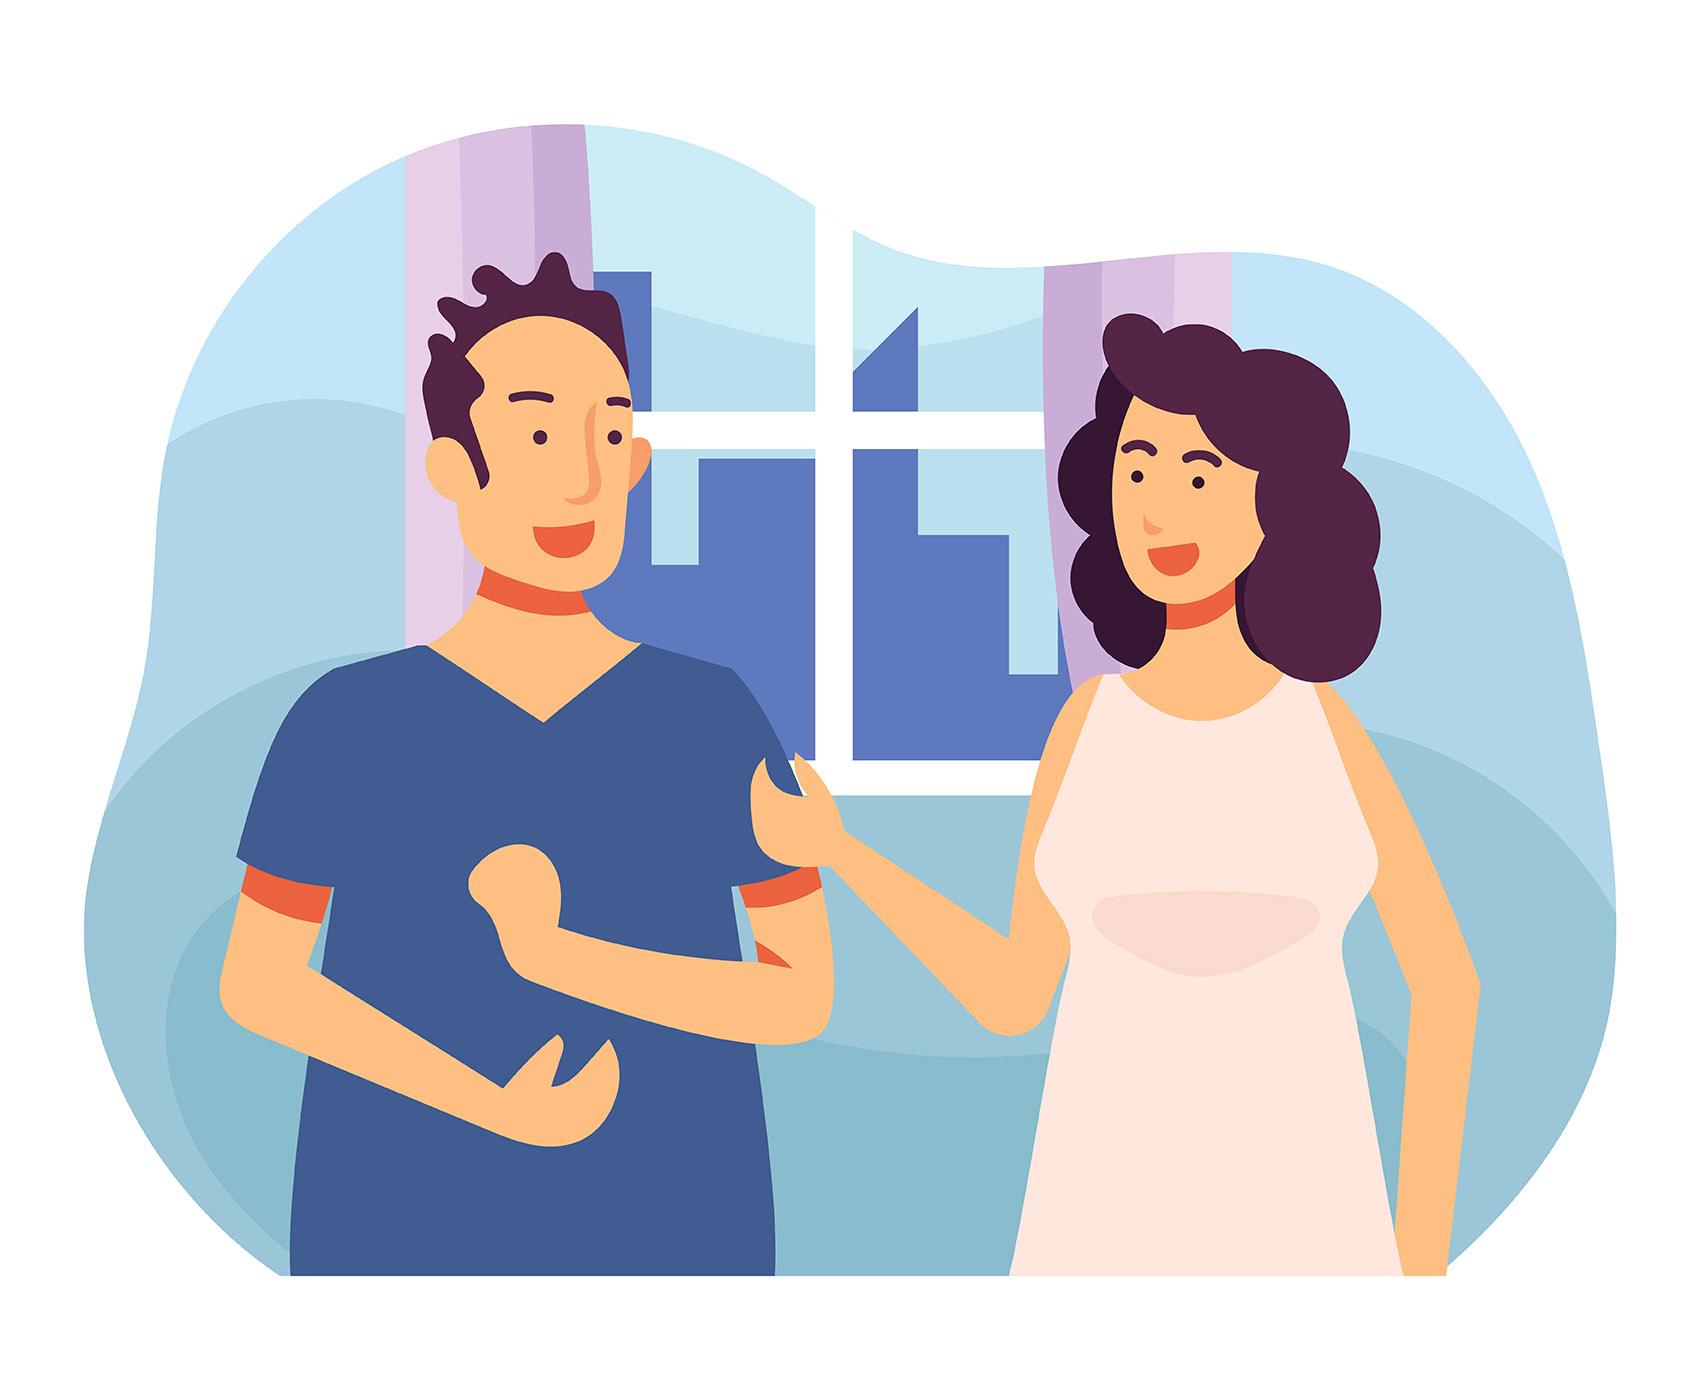 L'empathie au cœur de la relation